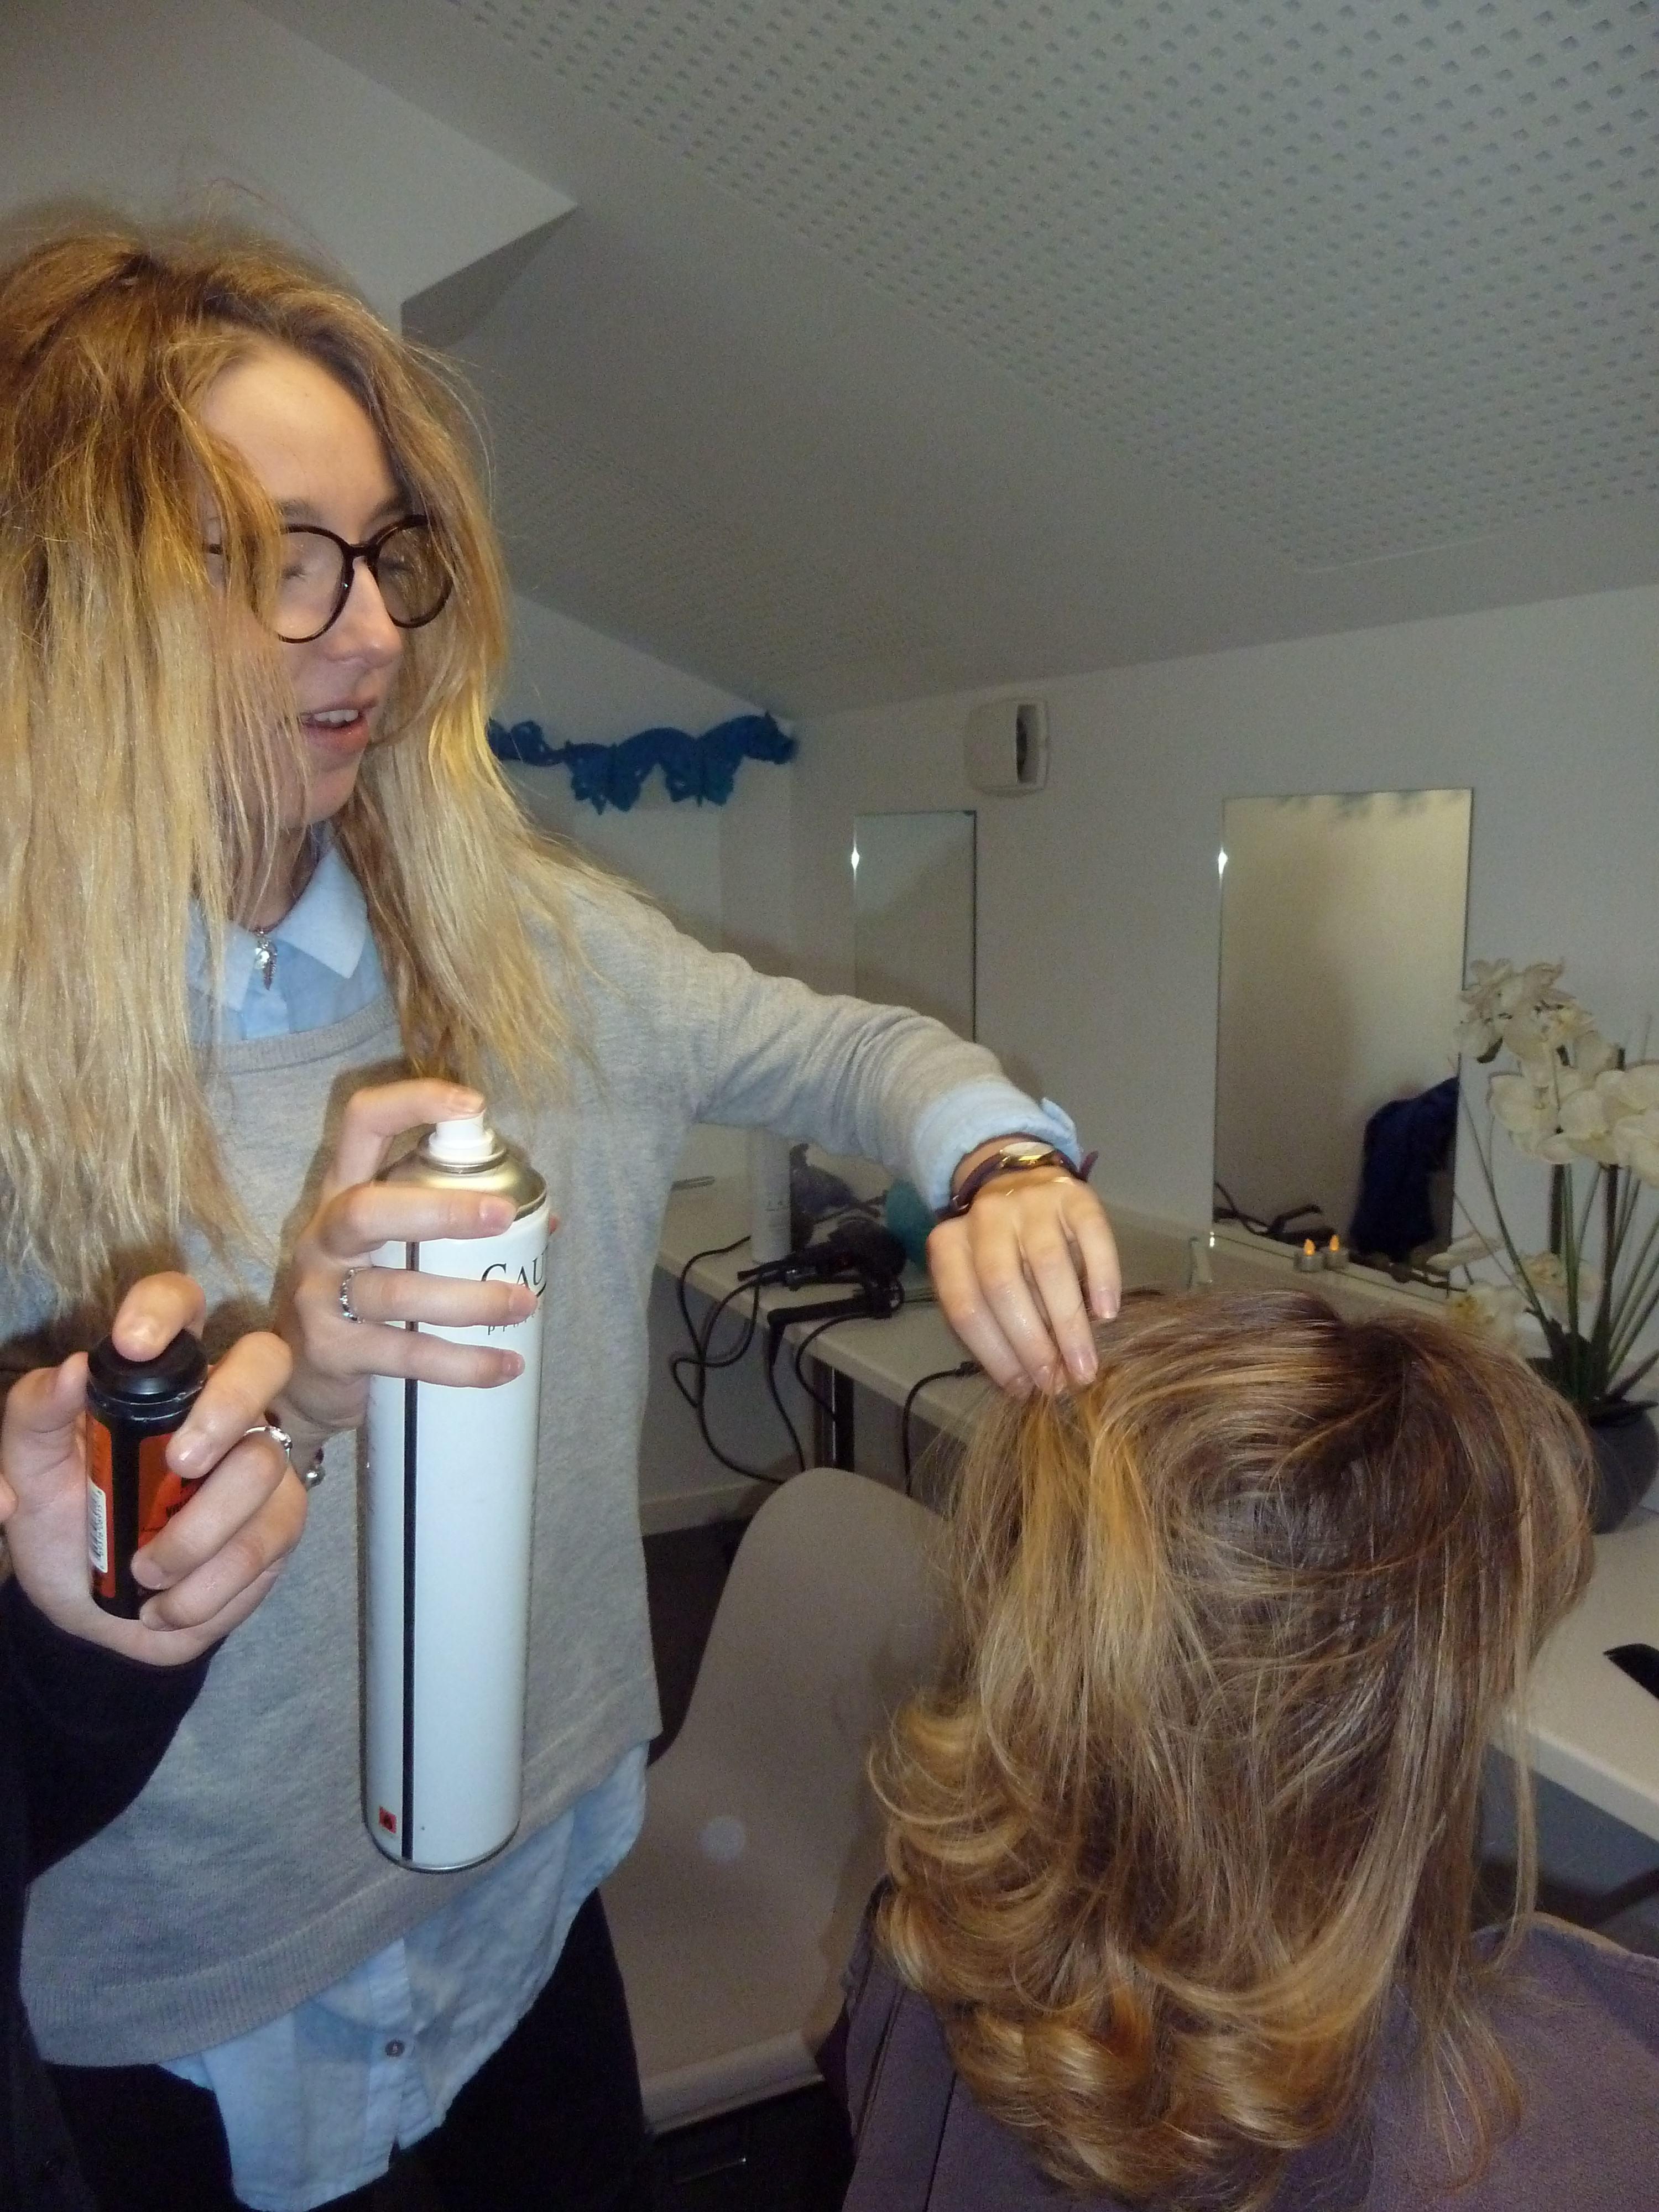 semaine-bleue-chez-les-mc-coiffure